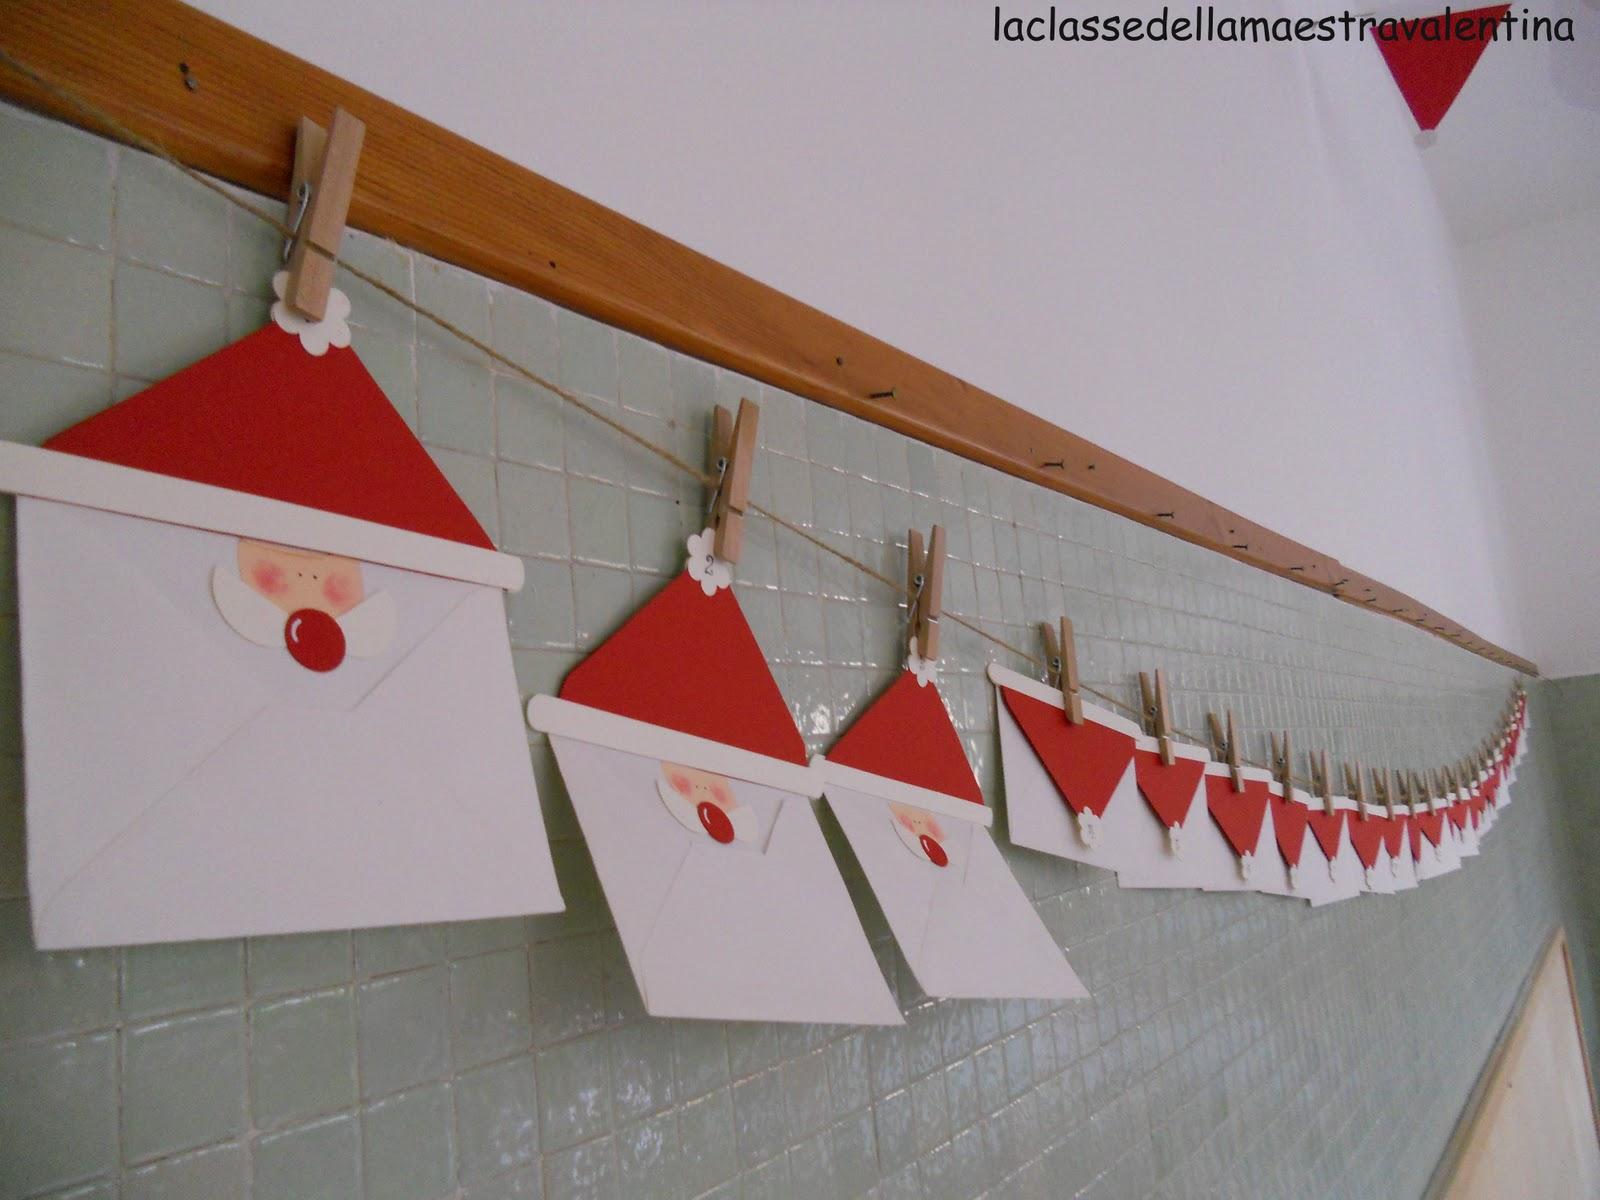 La classe della maestra valentina la mia classe di natale - Finestre di natale ...